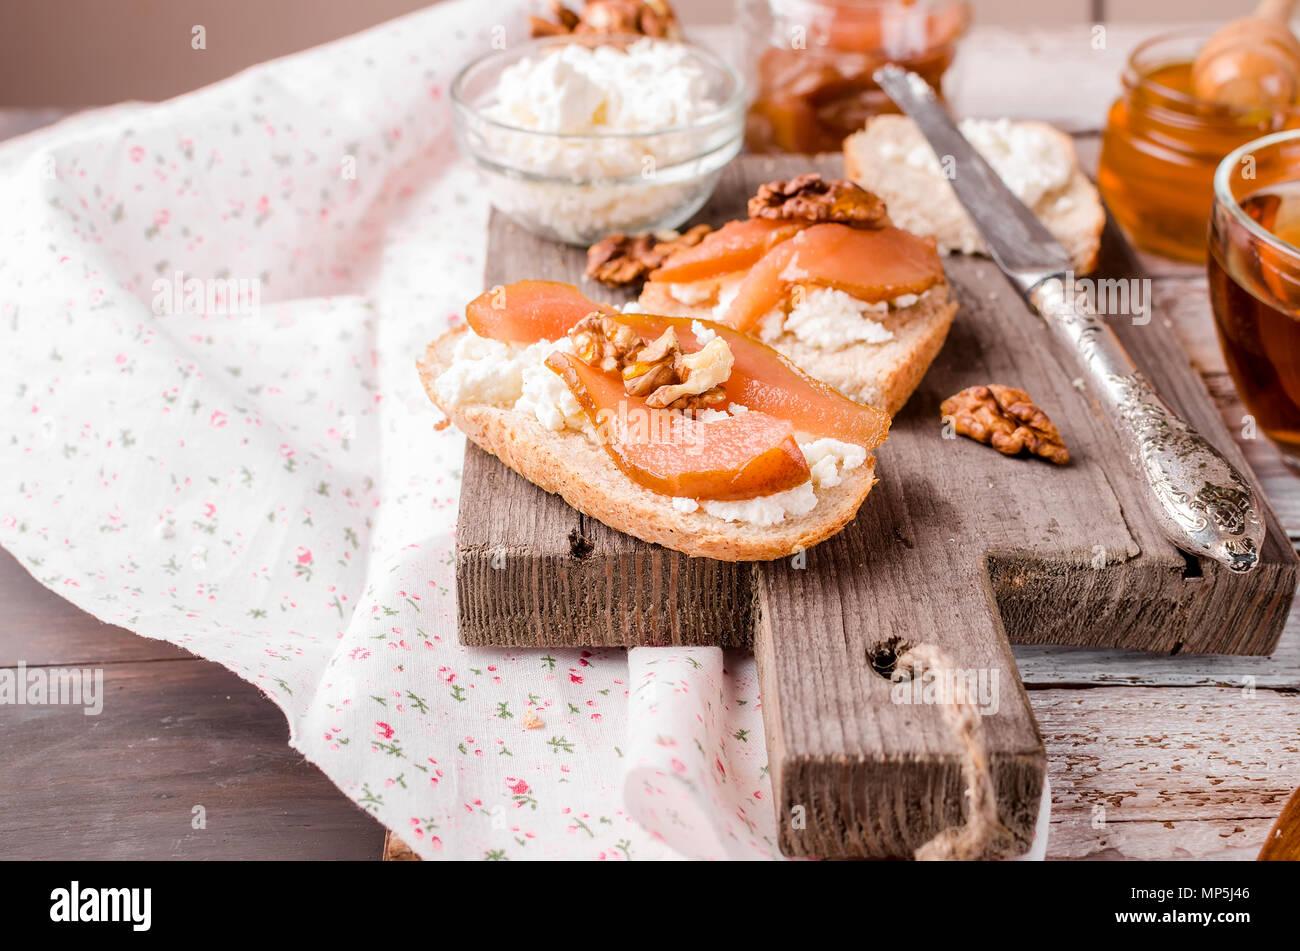 Frühstück. Tee mit Sandwiches mit ricotta Käse und pear Jam. Tasse Kaffee und Teekanne aus Glas. Ansicht von oben, kopieren Raum Stockfoto